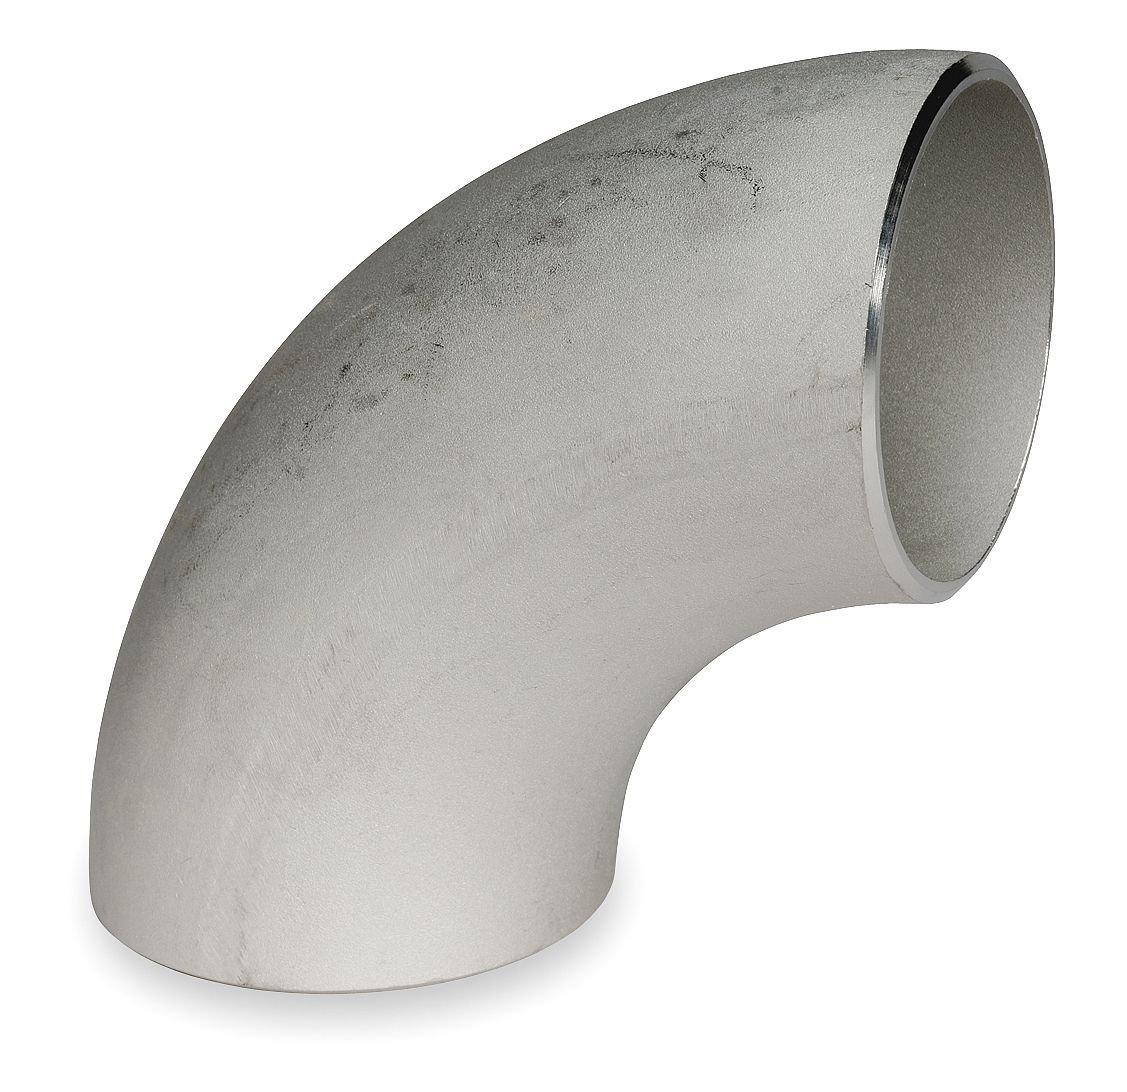 1 Butt Weld SS Long Radius 90 Degree Elbow Sch 10